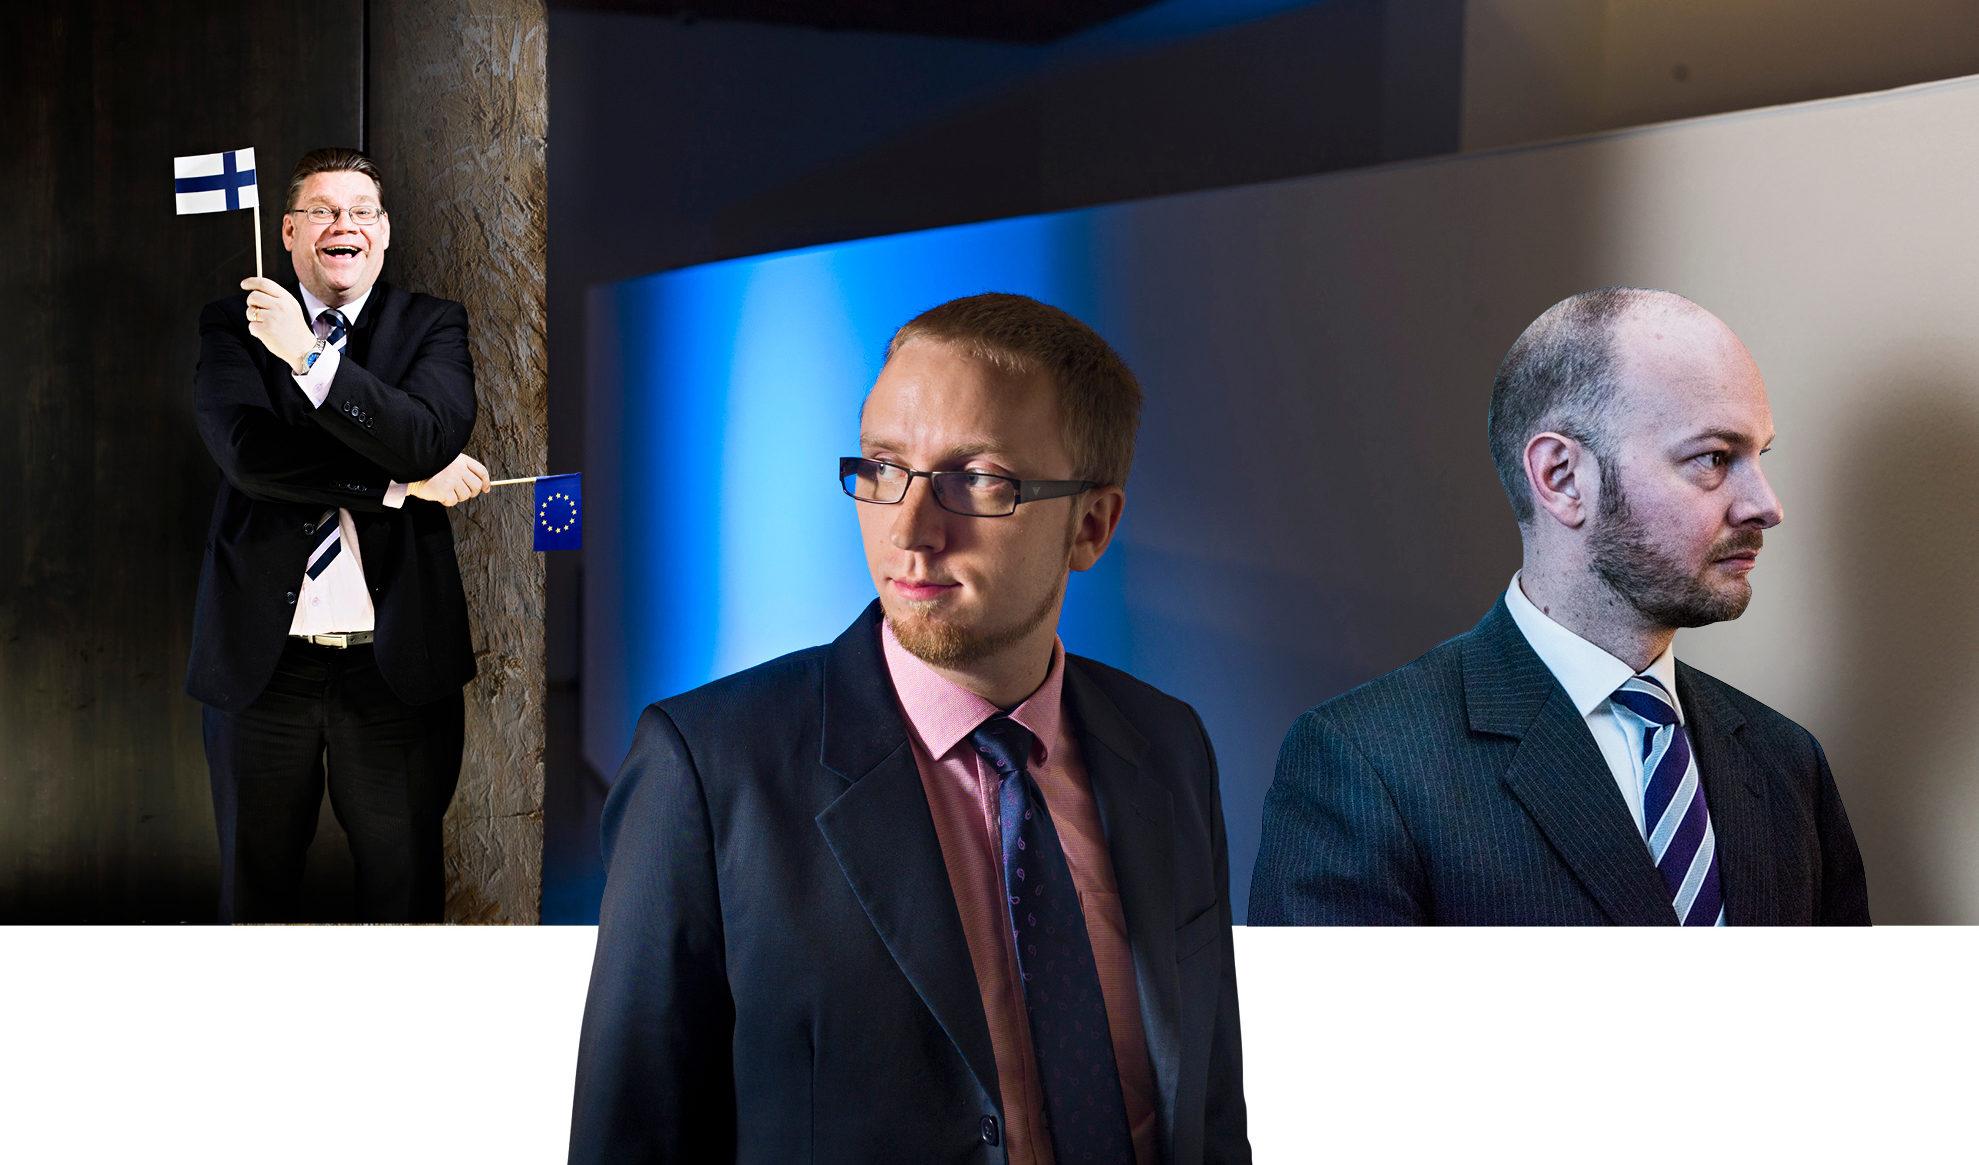 """Ministerikautensa jälkeen Timo Soini saanee """"hillotolpan"""" eli joko viran tai pestin kansainväliseen organisaatioon. Simon Elon poliittinen tulevaisuus voi siintää kokoomuksessa – Sampo Terhon keskustassa."""